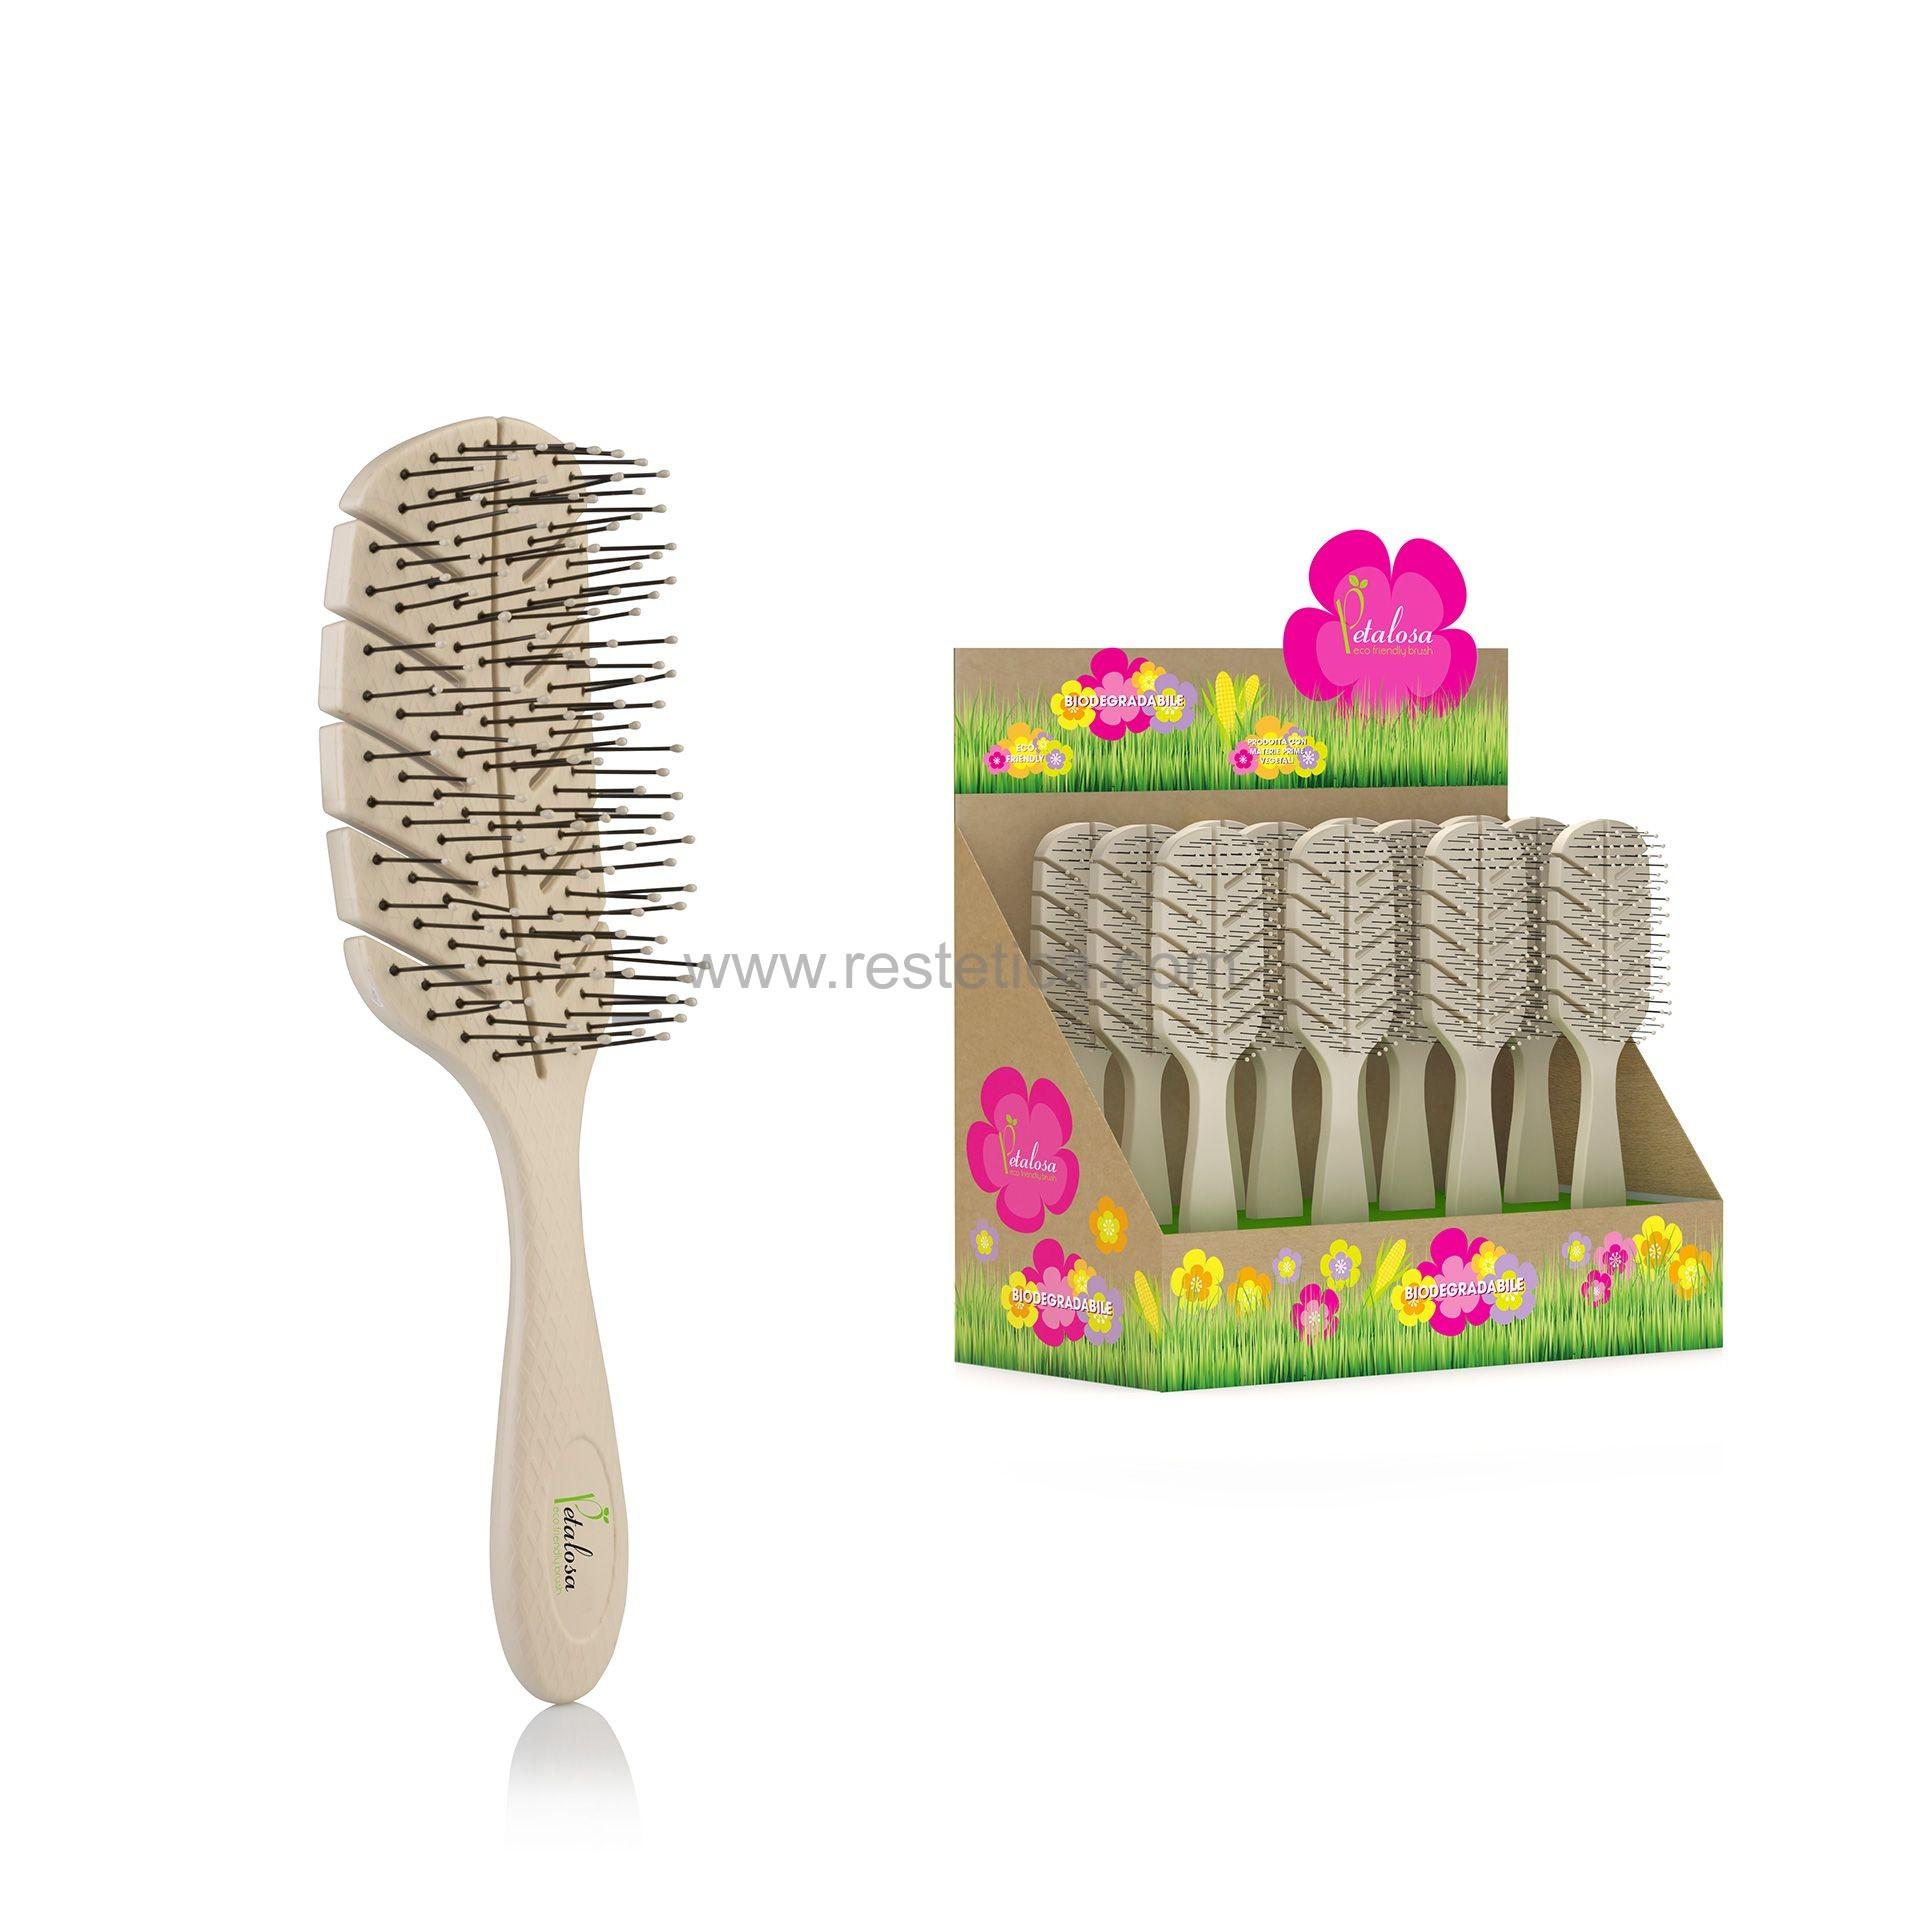 Espositore da banco Spazzole biodegradabie Petalosa all'amido di mais ideale per la rivendita - n.12 spazzole